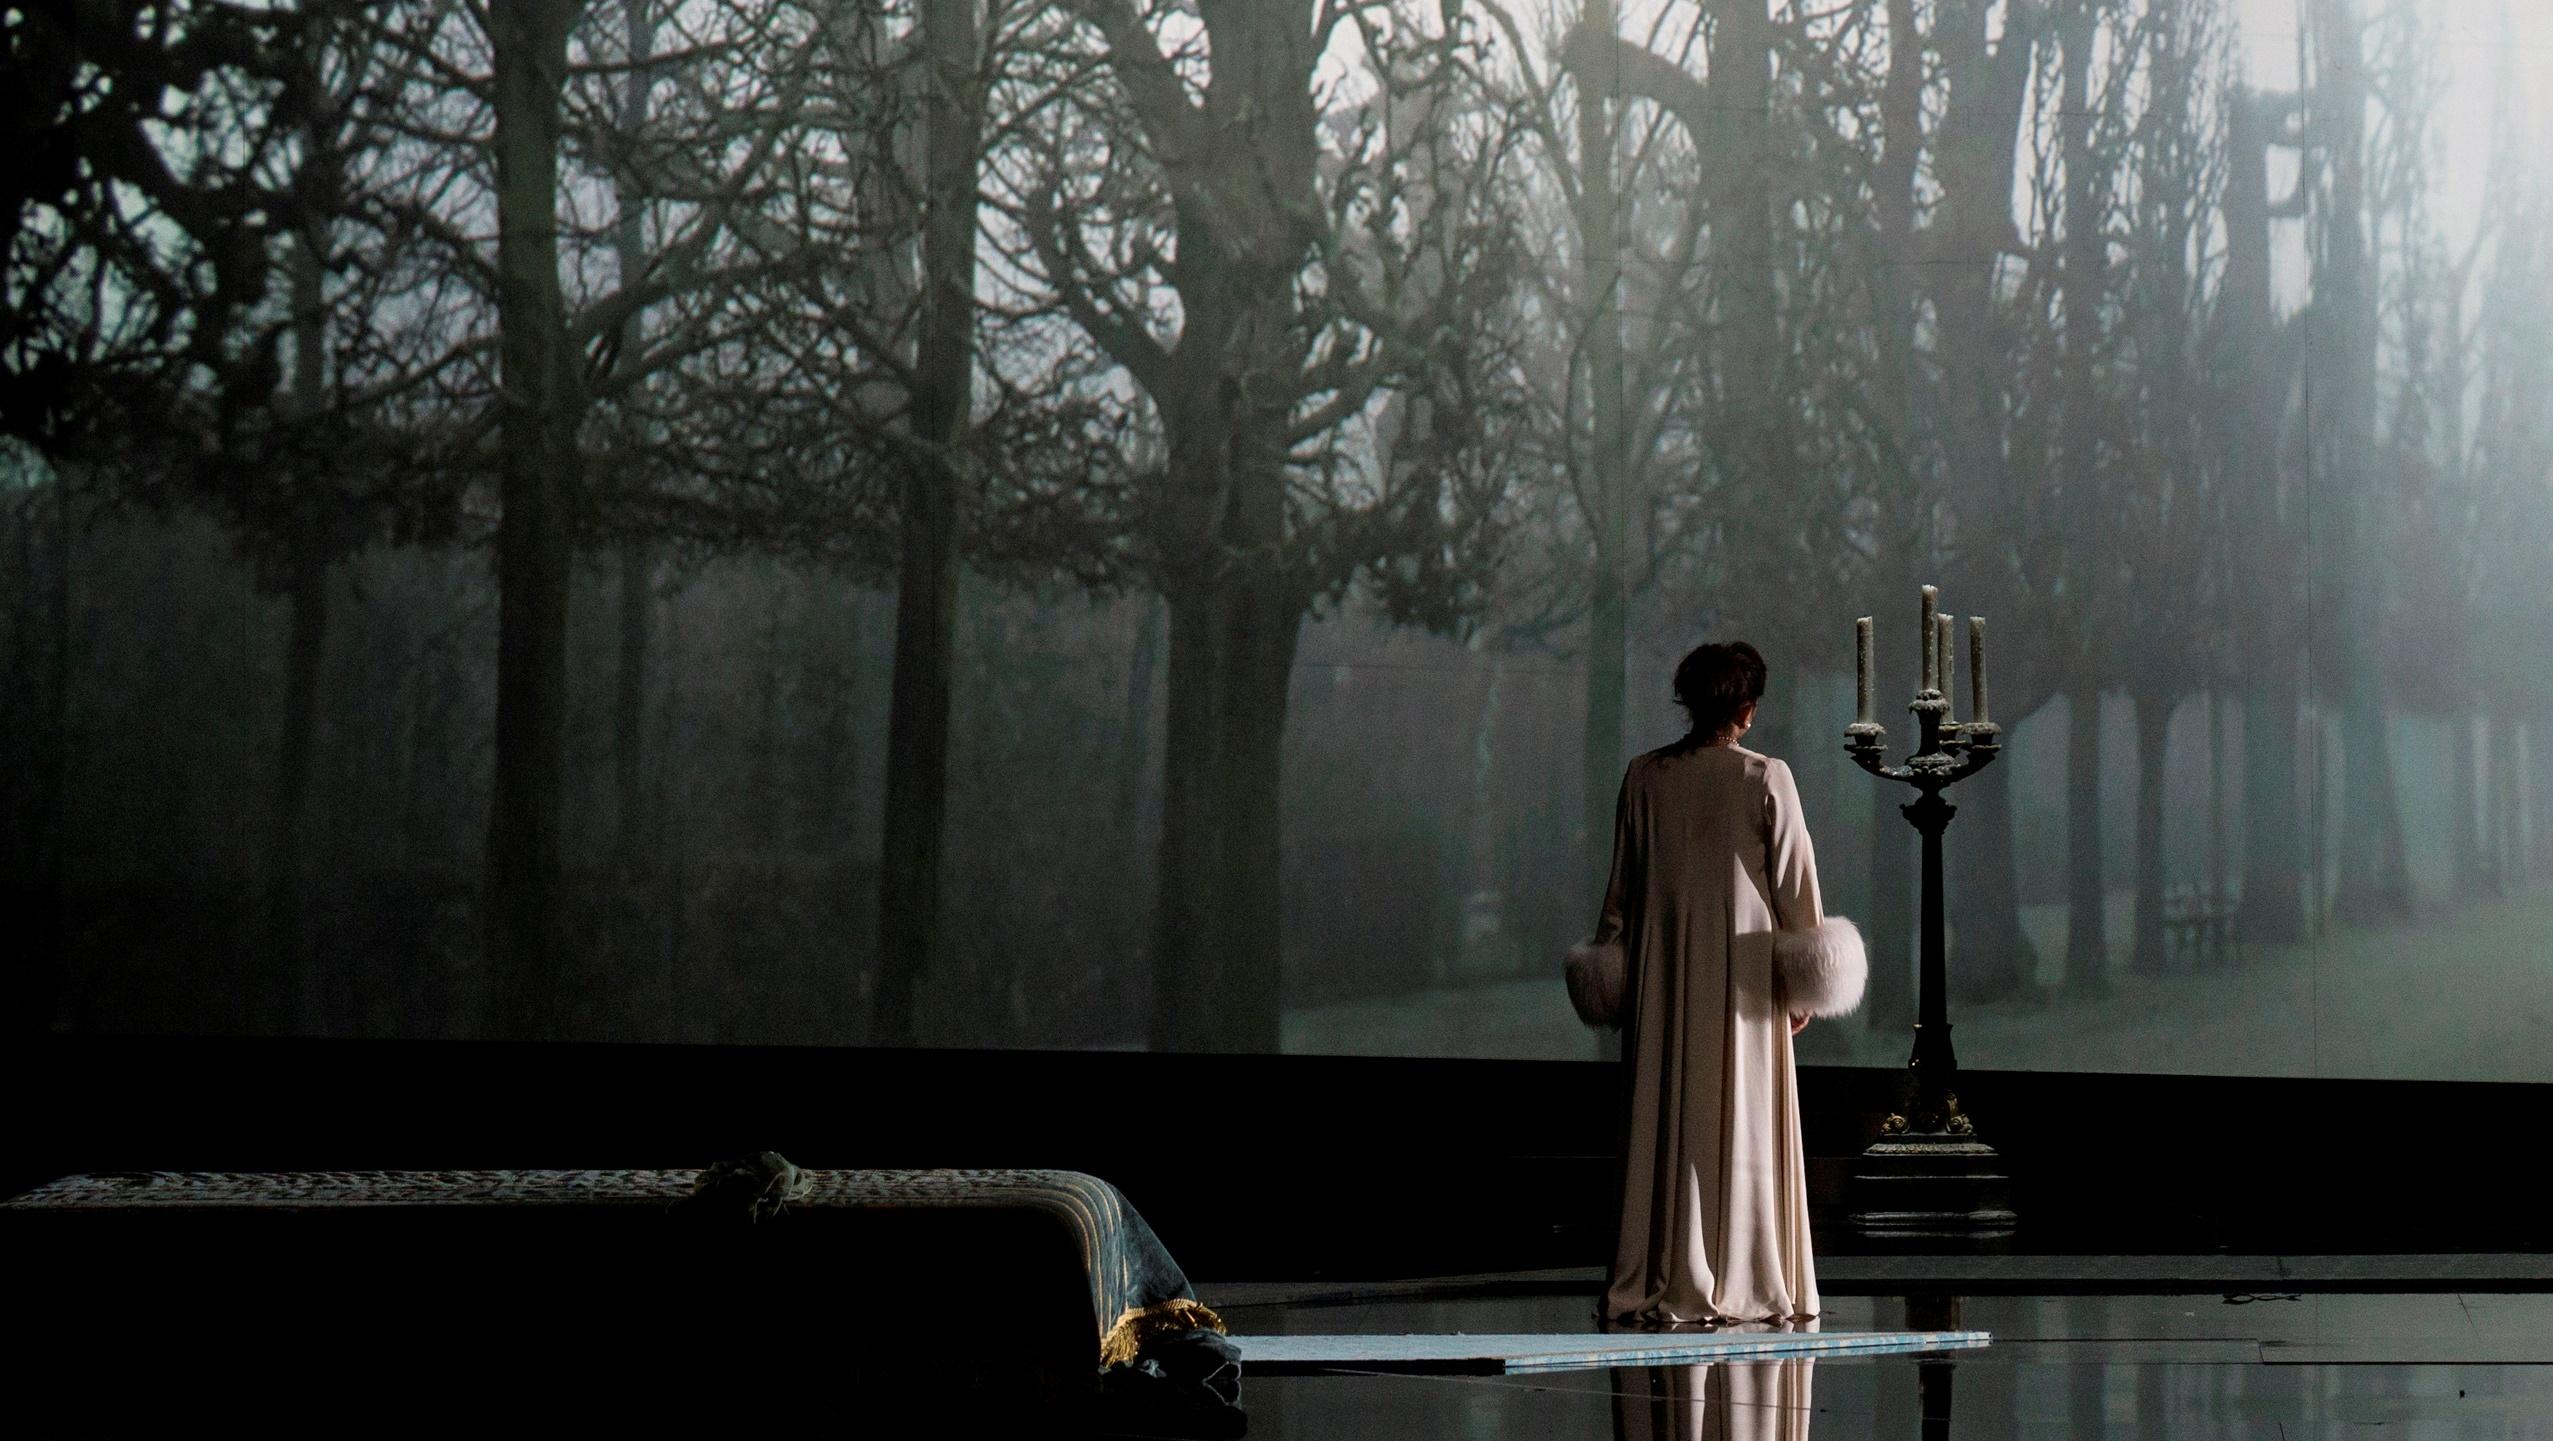 Alla Scala di Milano, trionfo per Zubin Metha e Krassimira Stoyanova nel Rosenkavalier di Richard Strauss